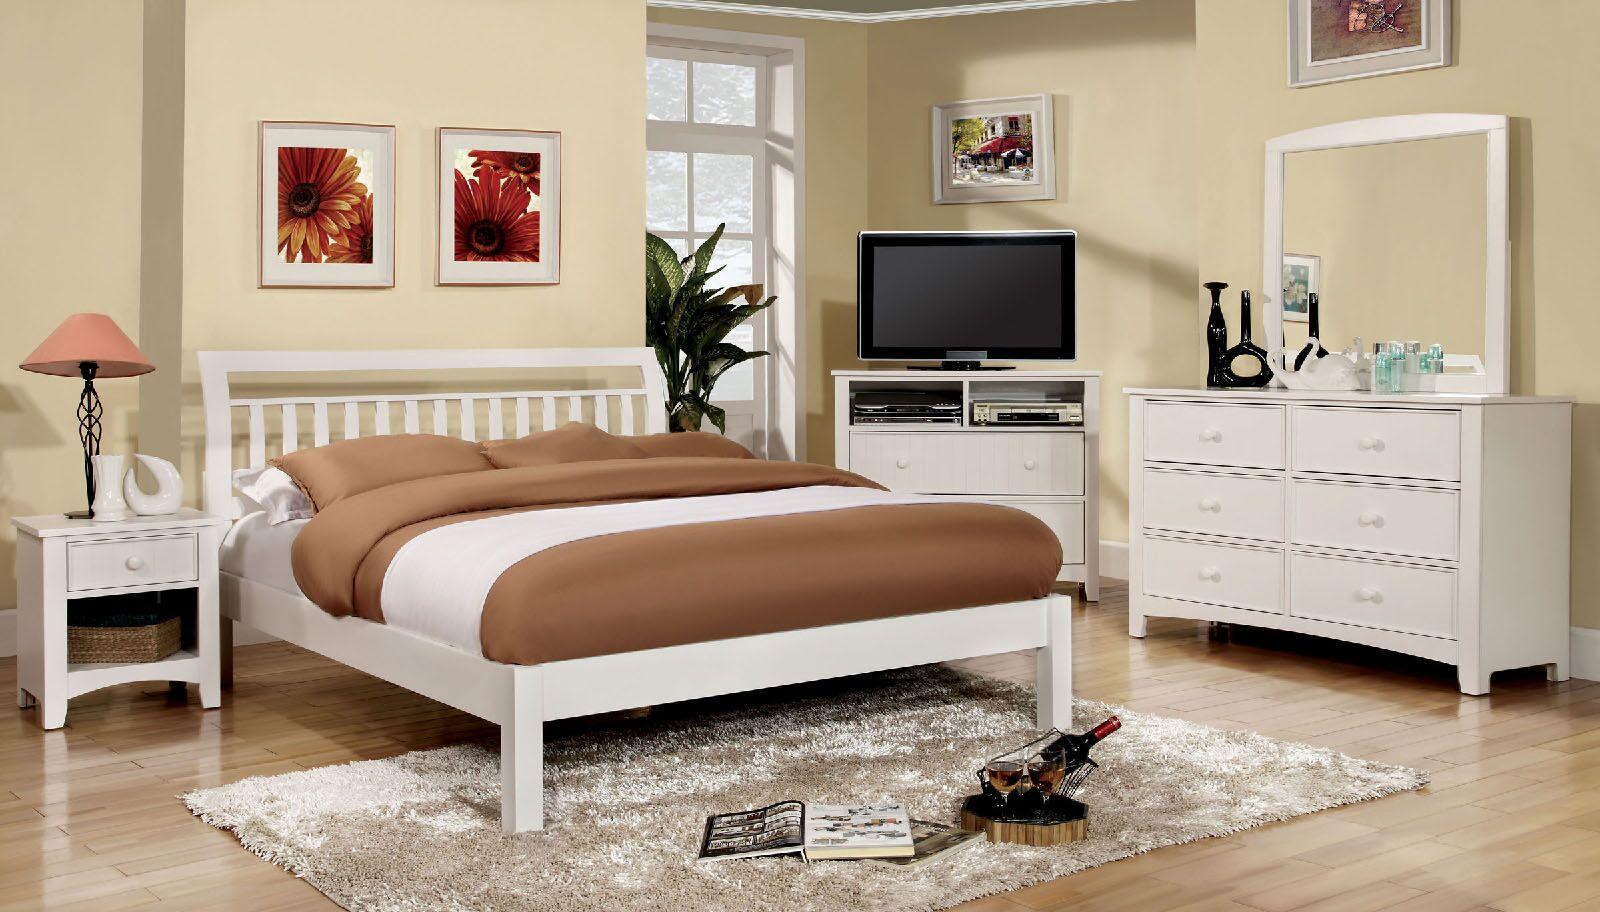 Hervey Bay Platform Bed Size: King, Color: White